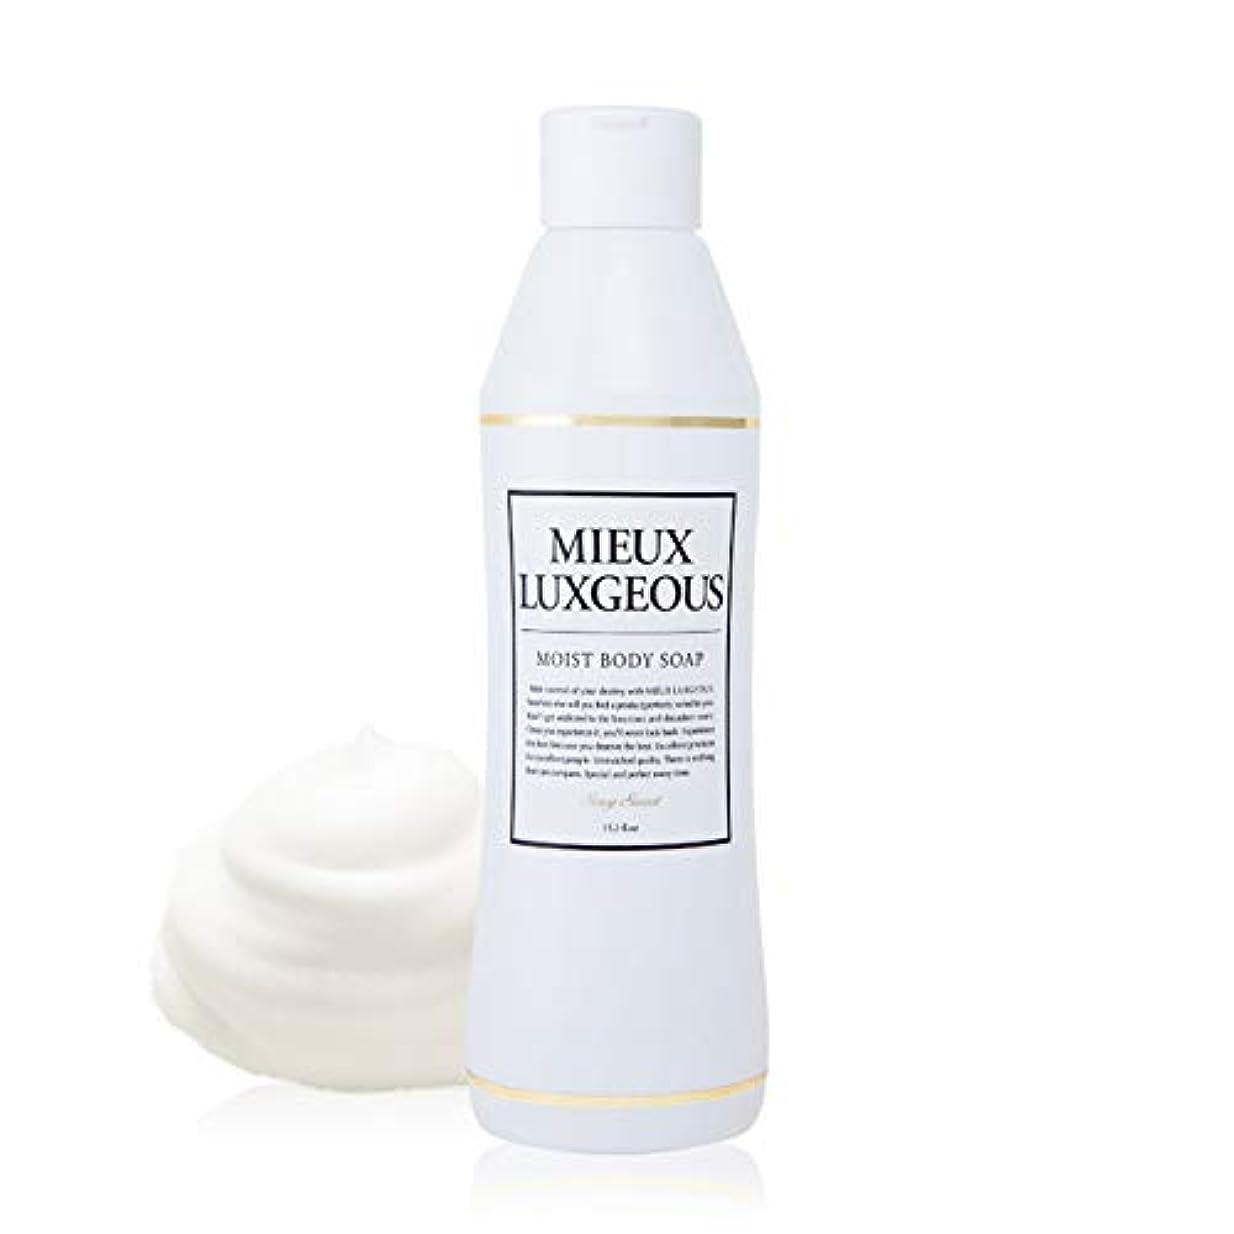 保持ブロンズ司法ミューラグジャス モイストボディソープ MOIST BODY SOAP - Sexy Sweetの香り